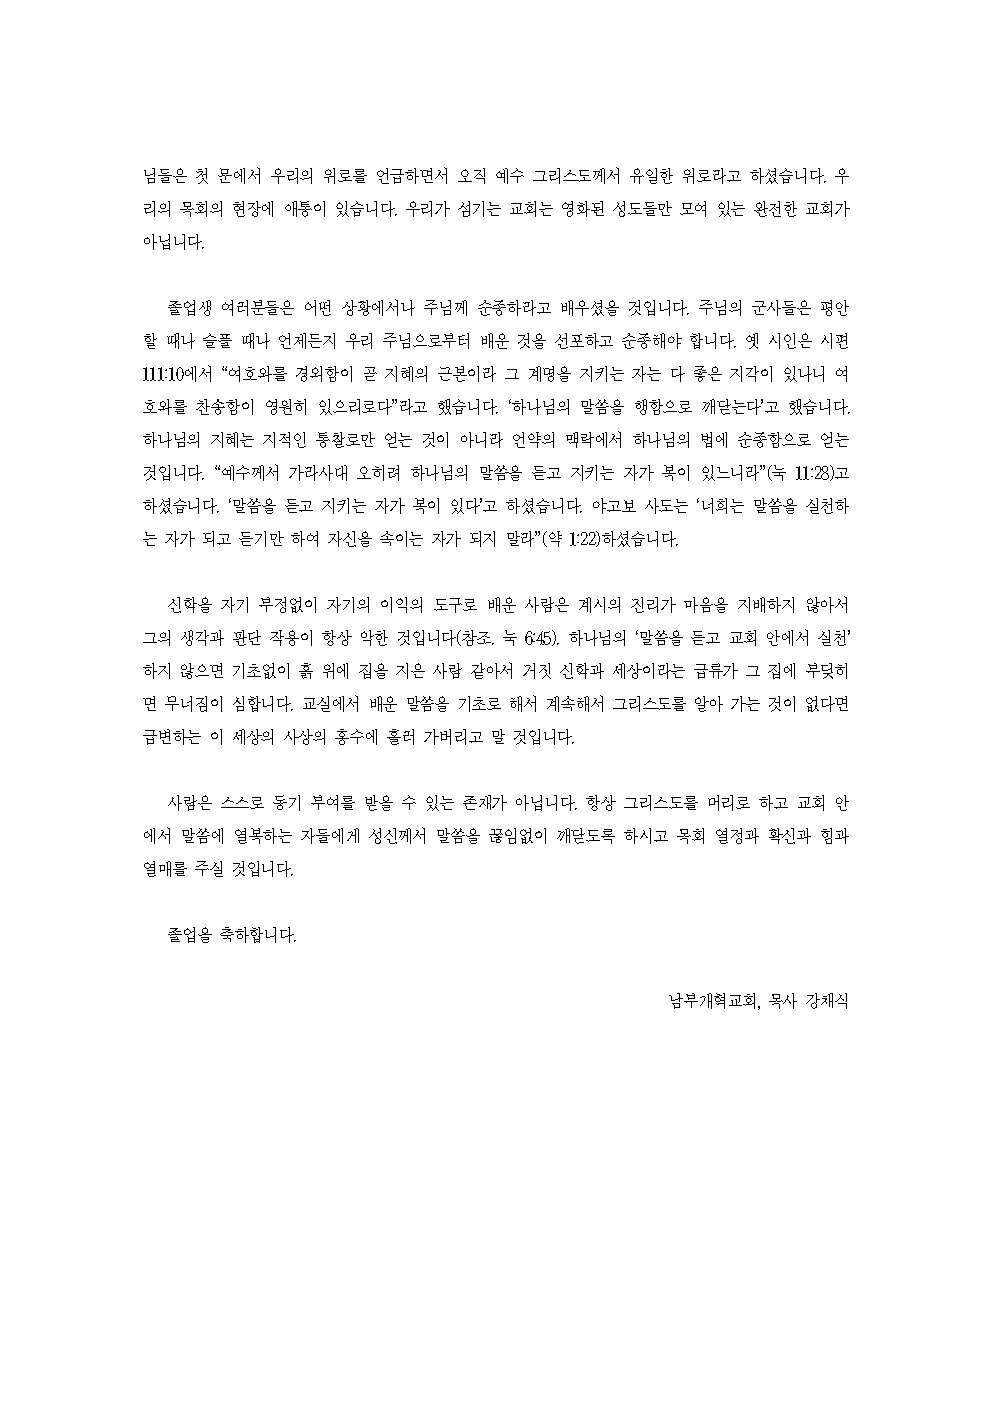 1회졸업식-축사와답사-홈피용002.png